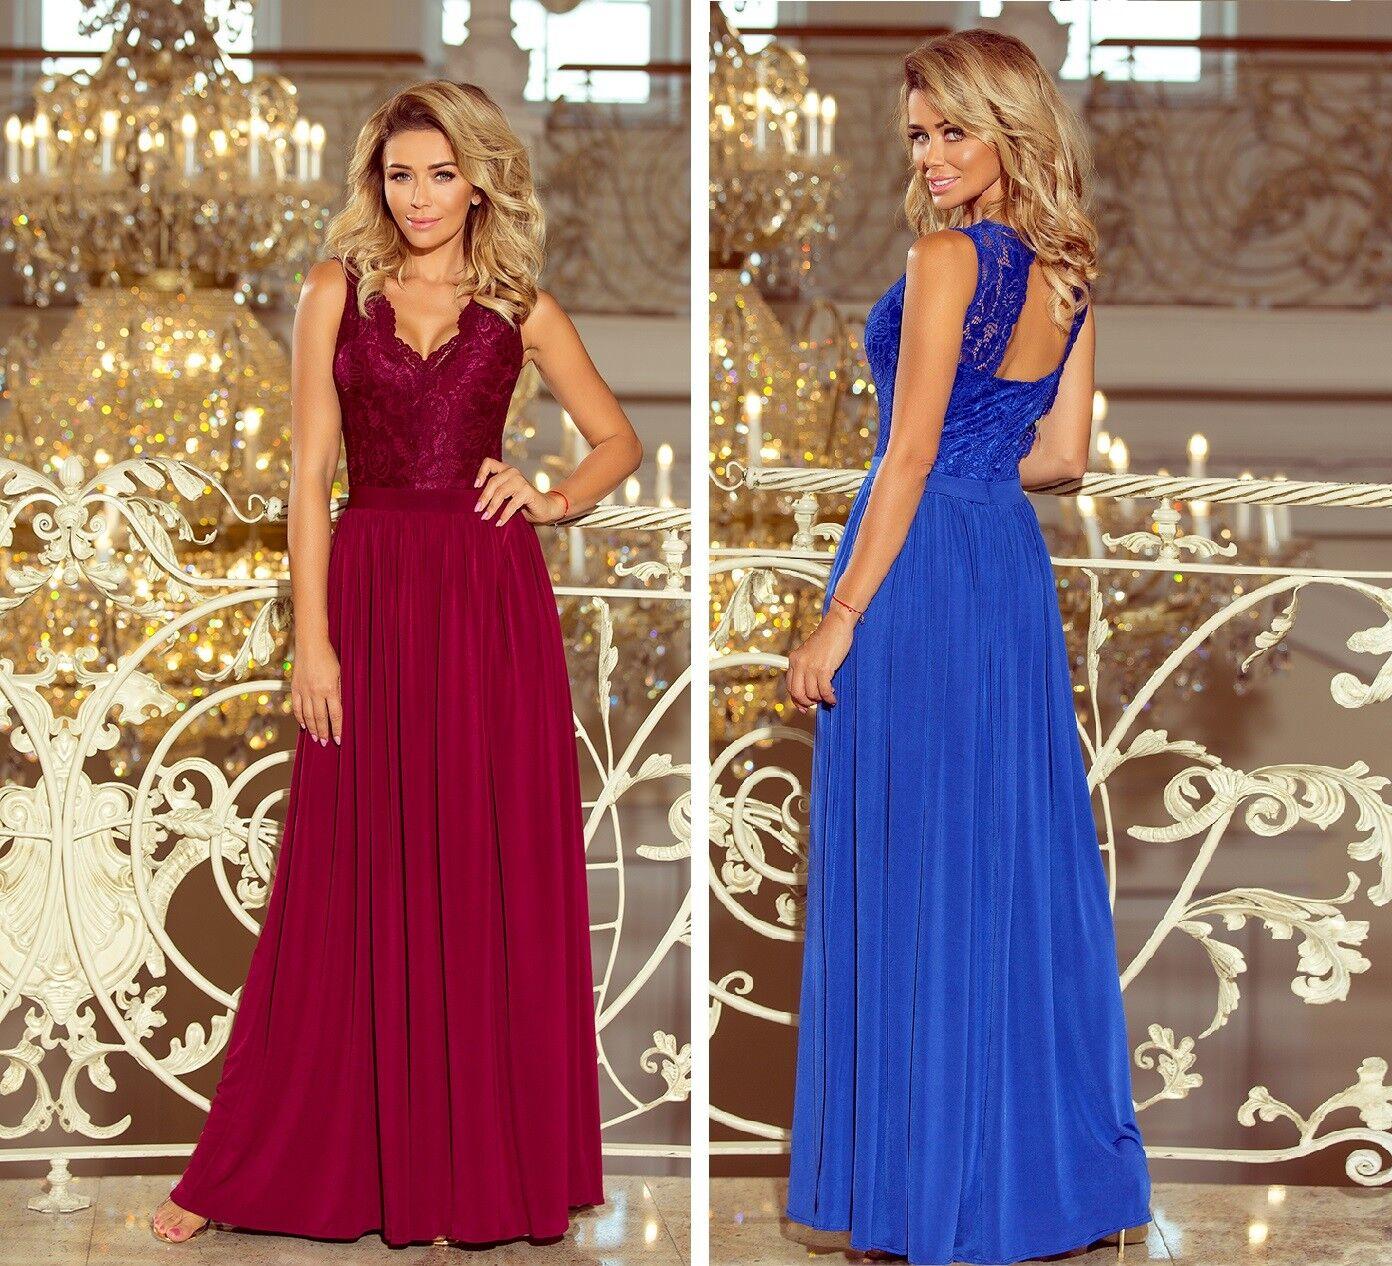 Numoco Kleid Abendkleid Rücken-Ausschnitt Spitze tailliert figurbetont